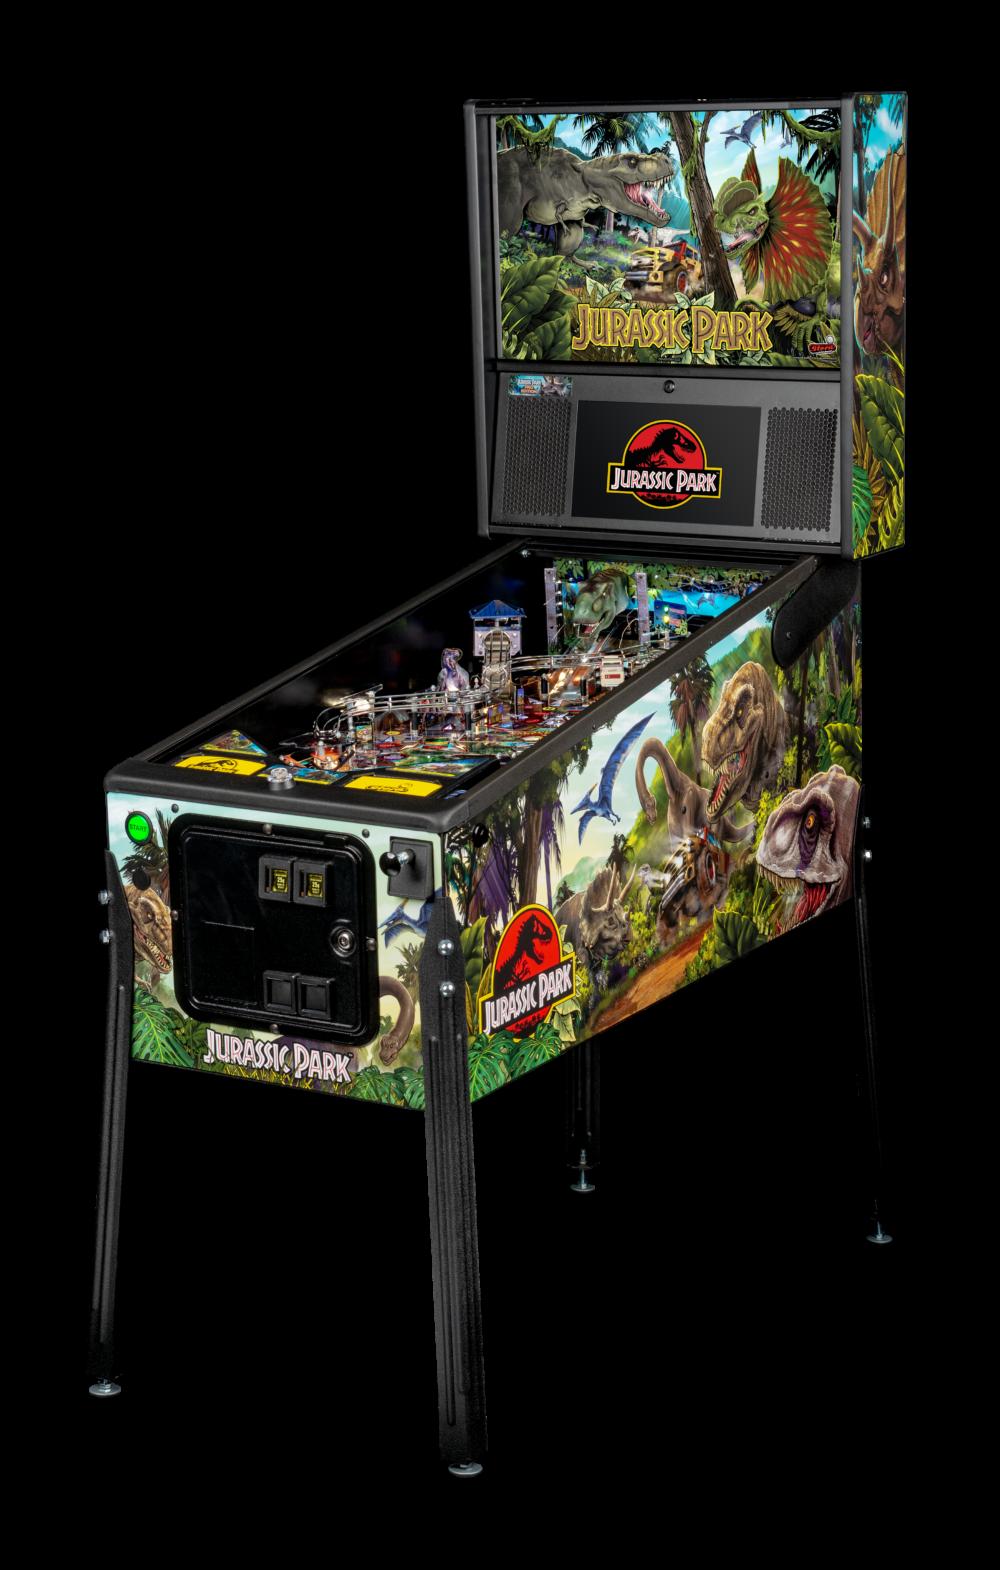 Jurassic Park pinball machine.